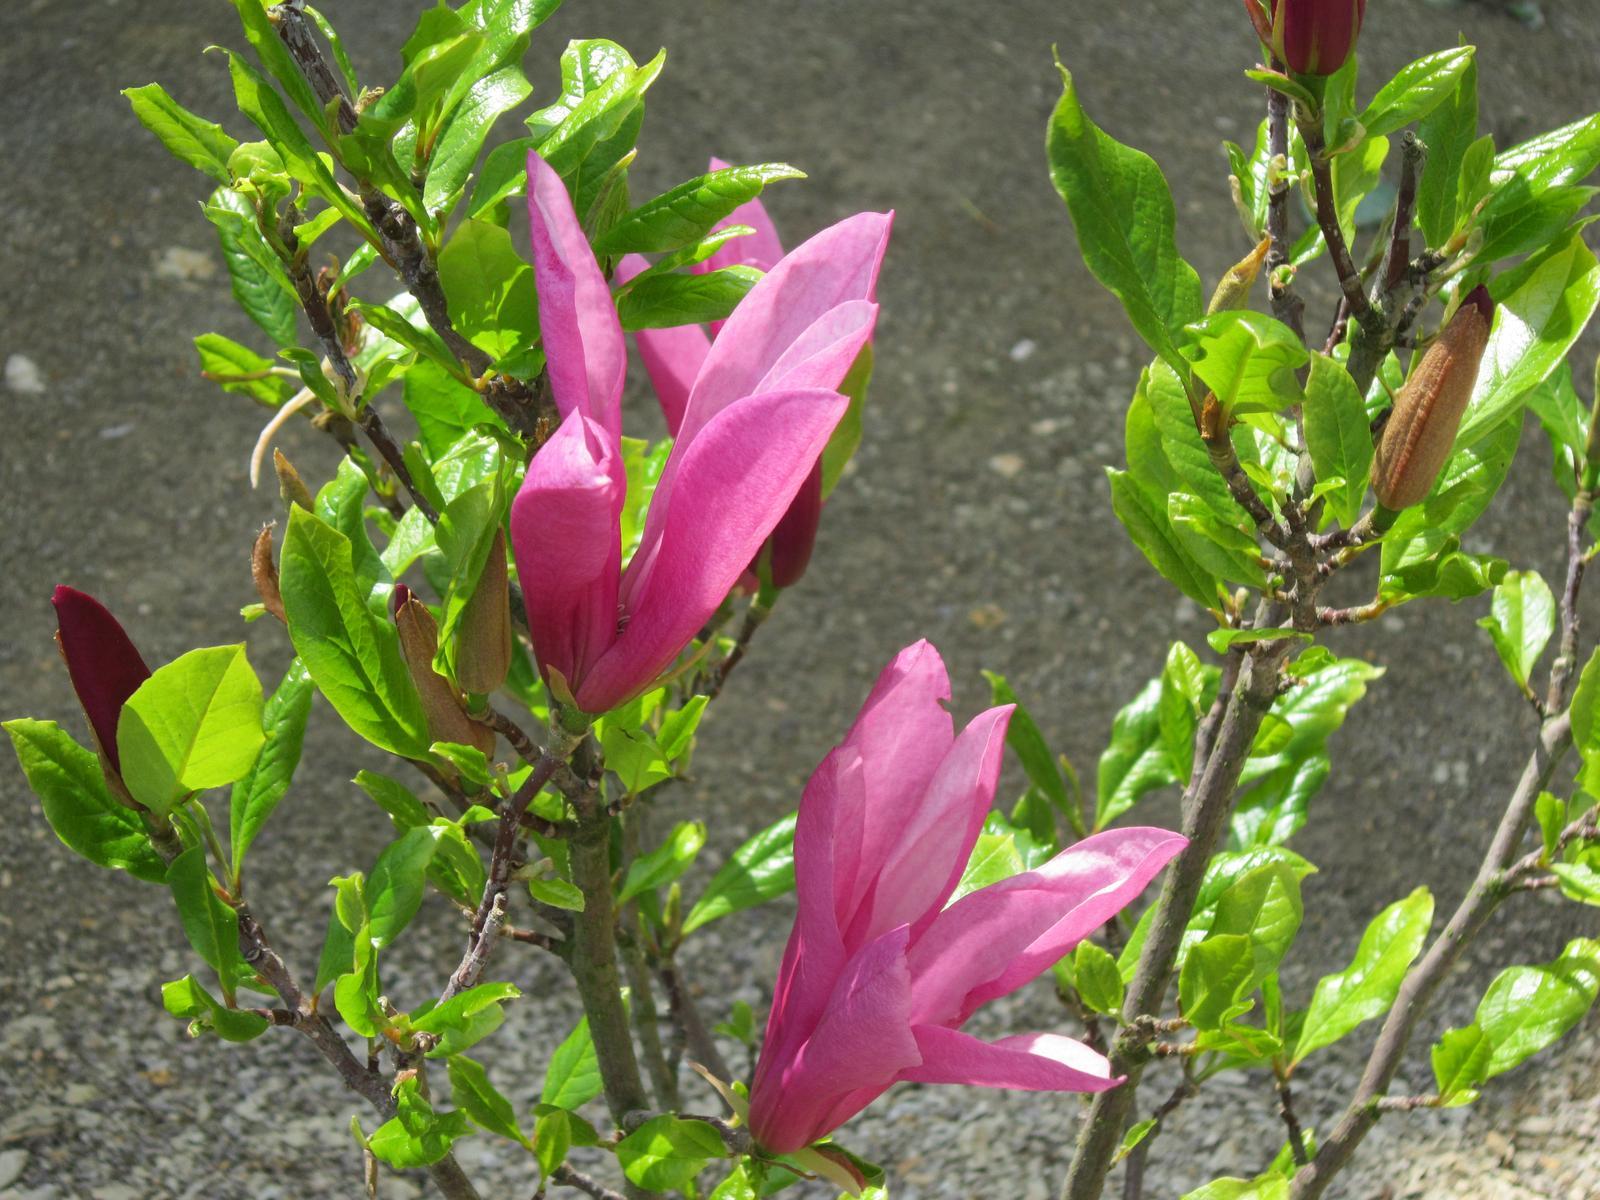 Moja záhrada...ako šiel čas - Obrázok č. 13